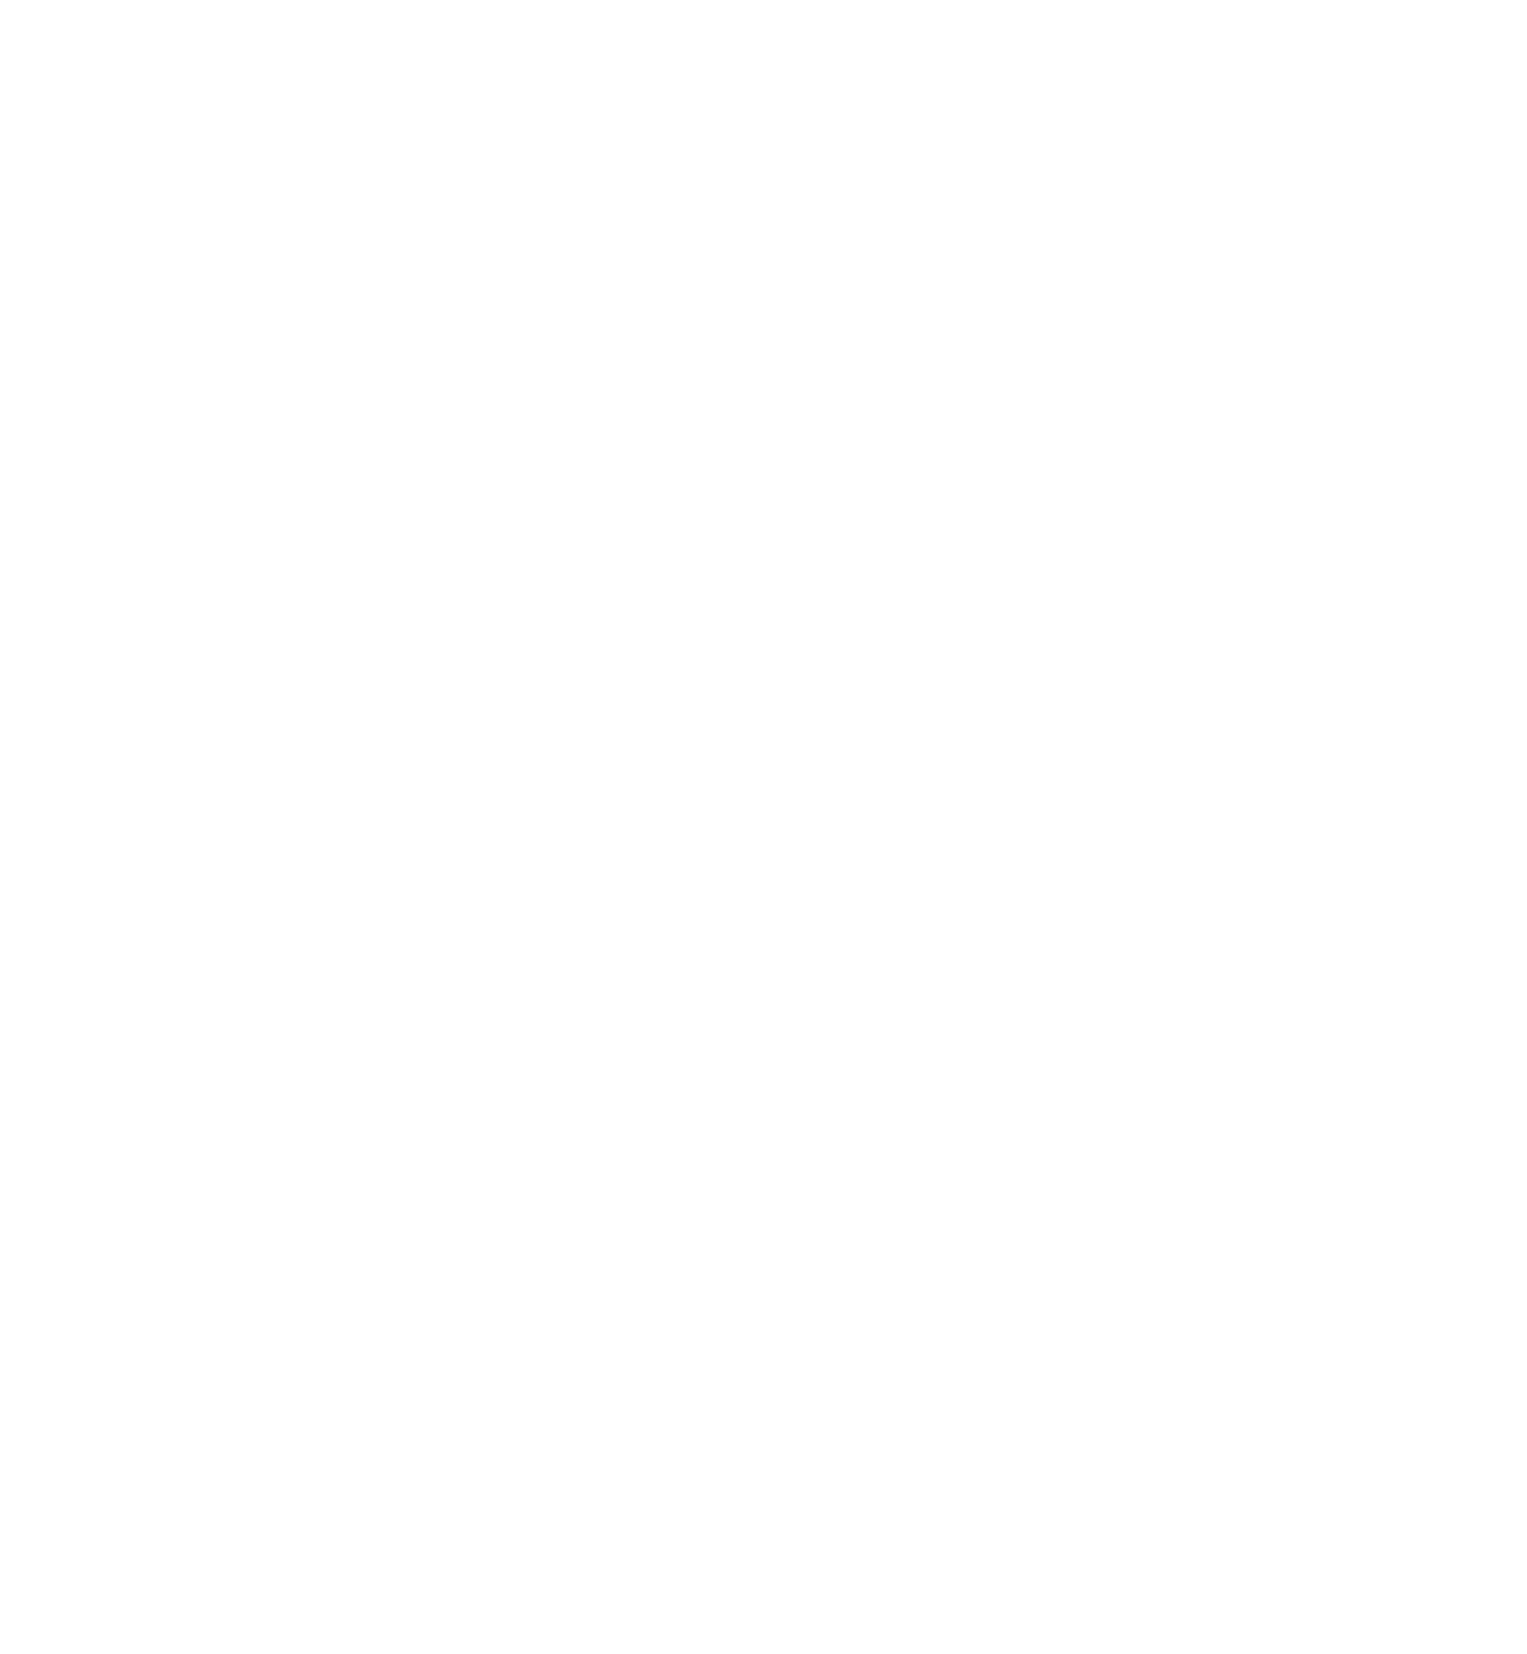 Kick2018